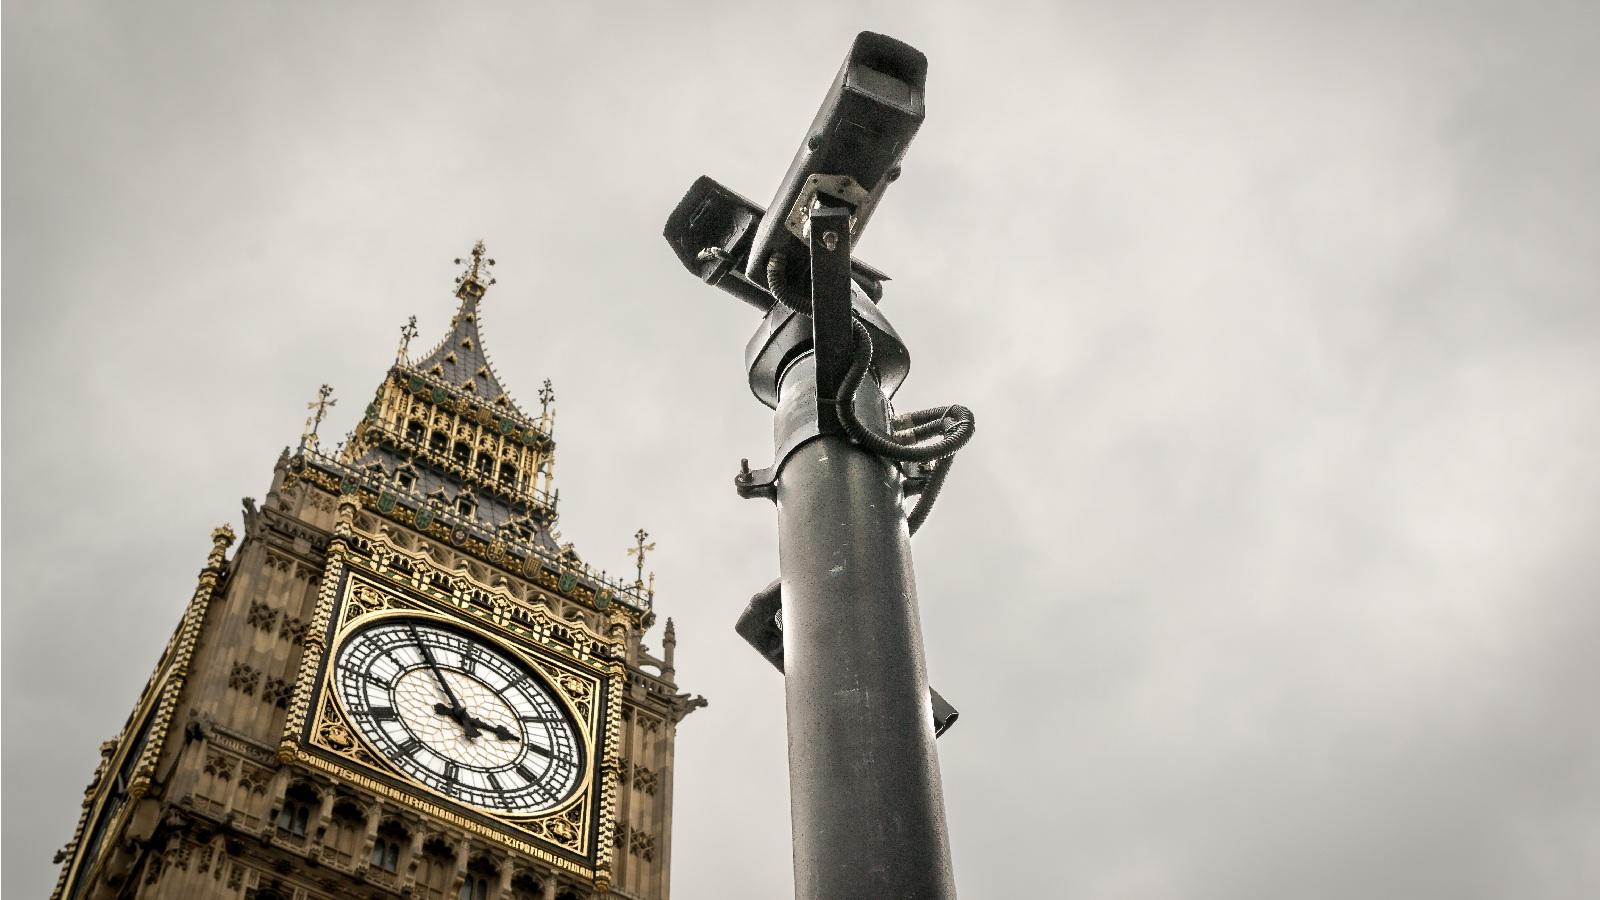 لندن؛ شهر دوربینهای مدار بسته